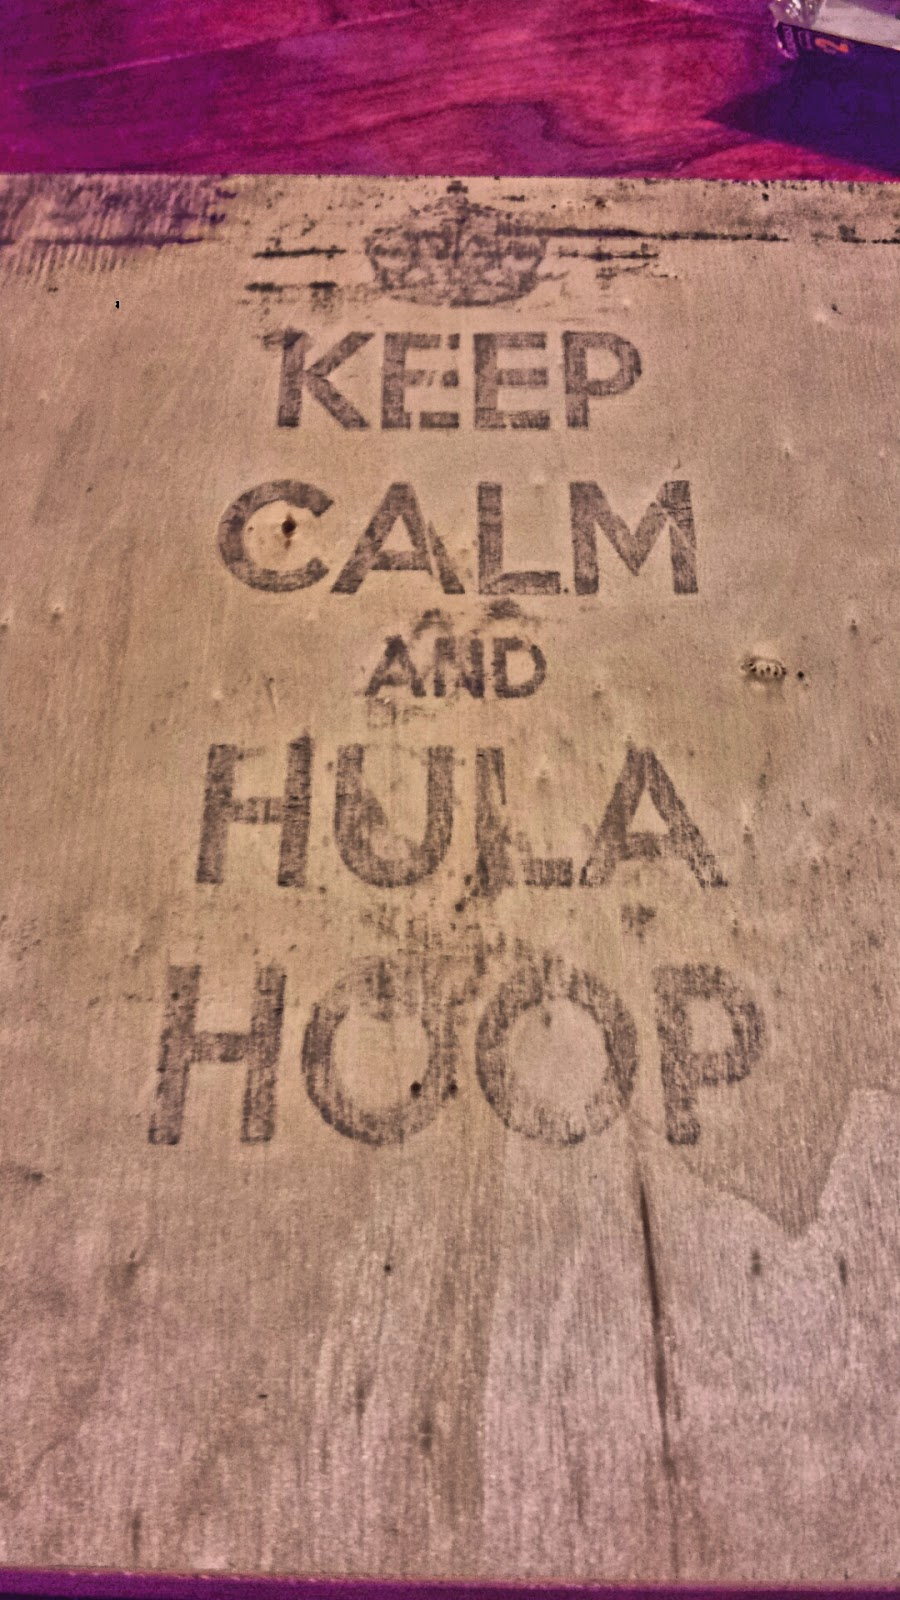 wall art, wood, canvas, hula hoop